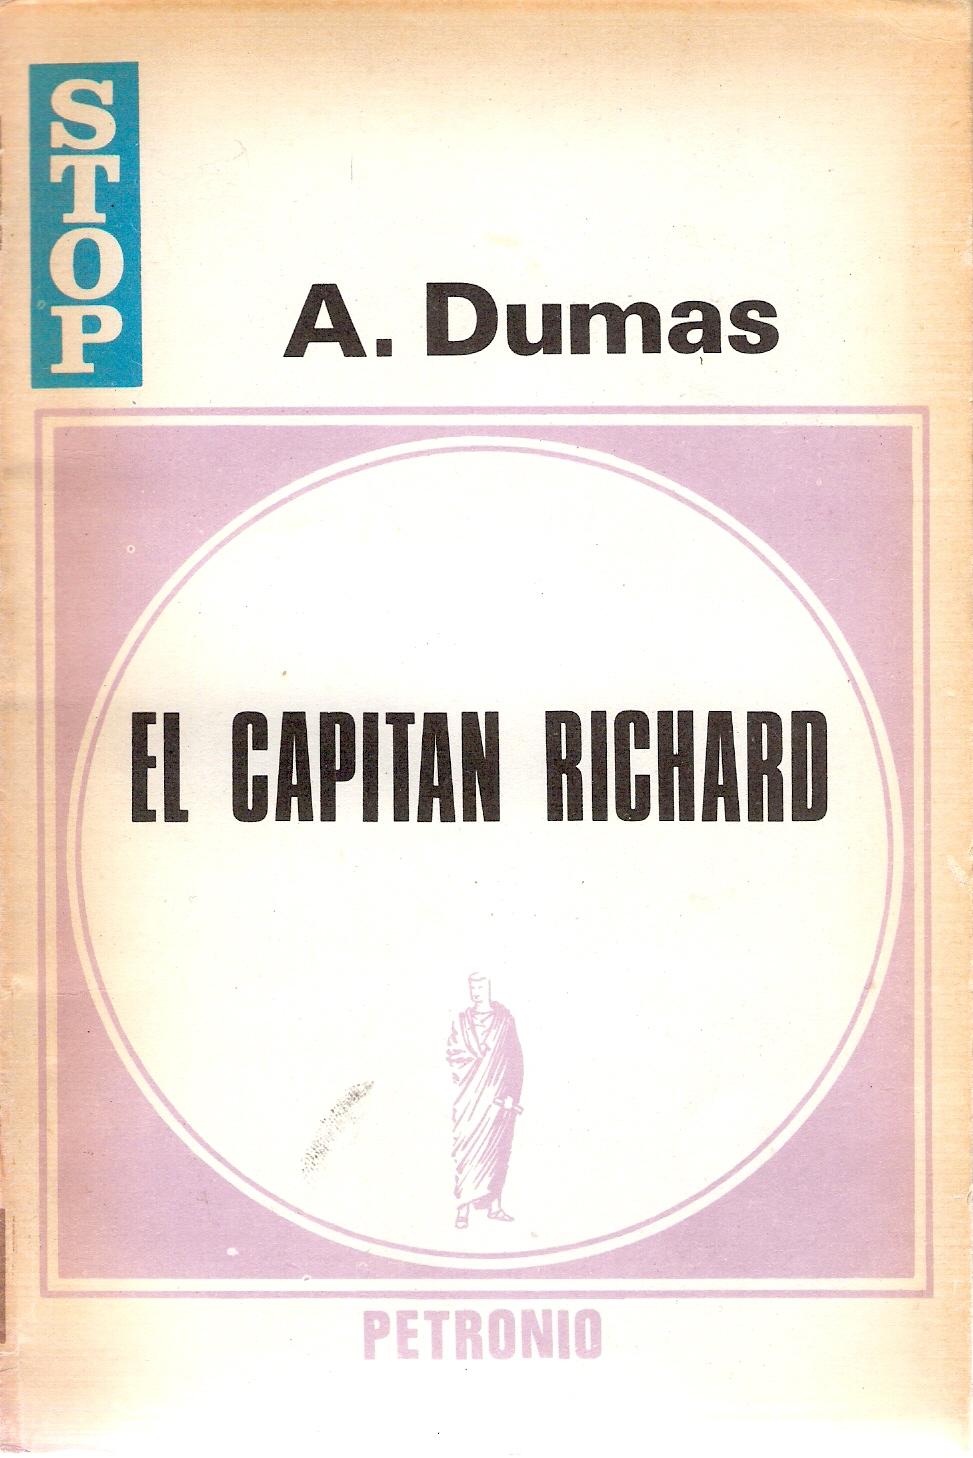 El capitán Richard